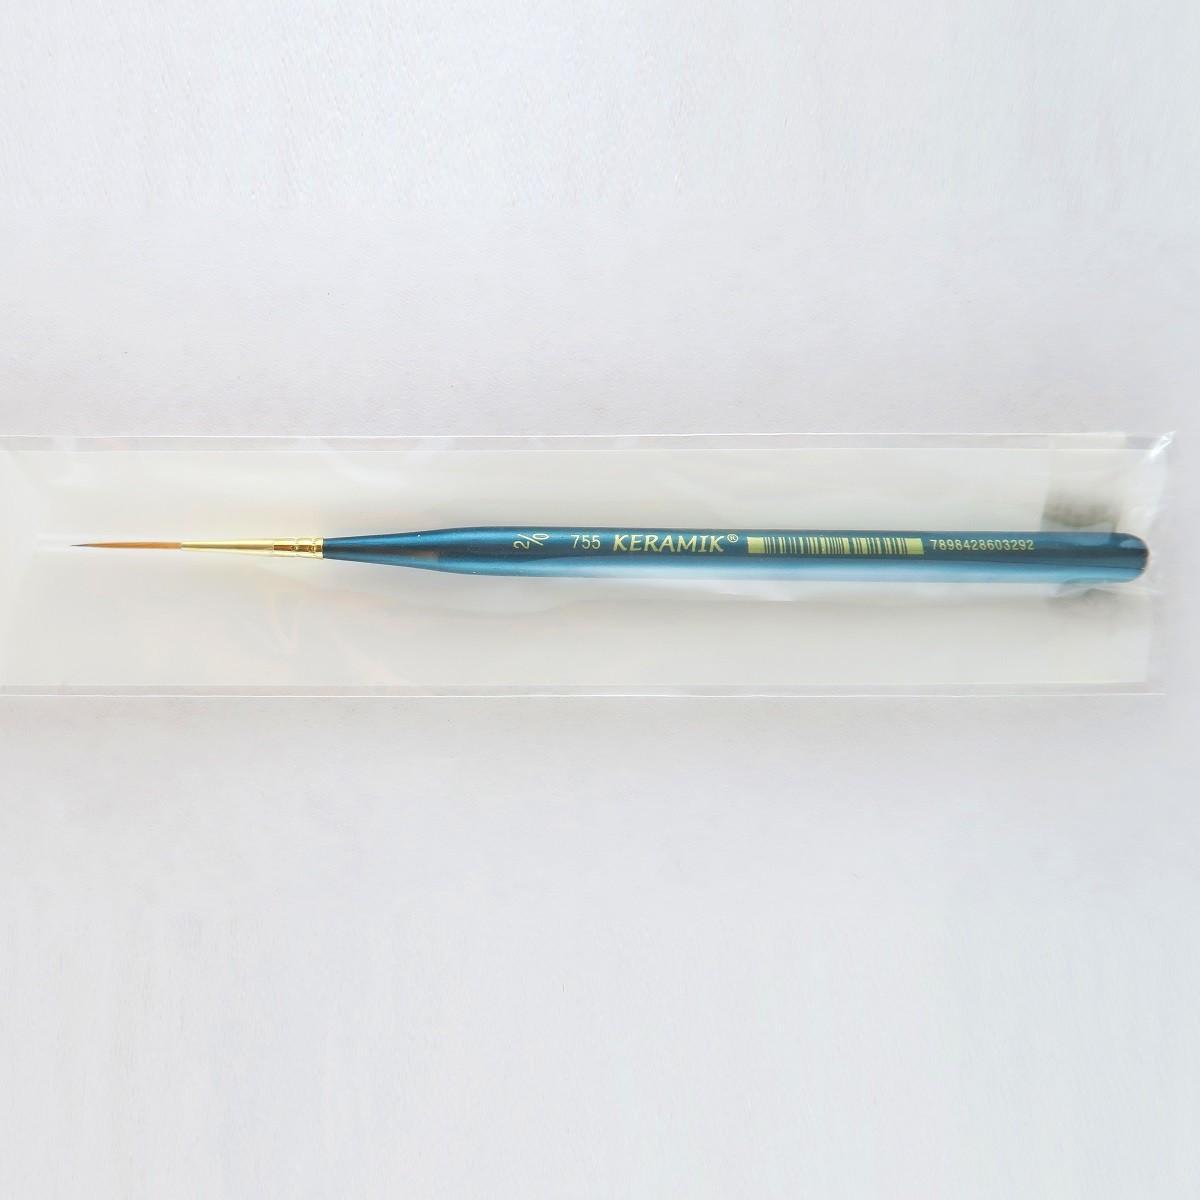 Pincel Keramik Premium 755 Liner #2/0